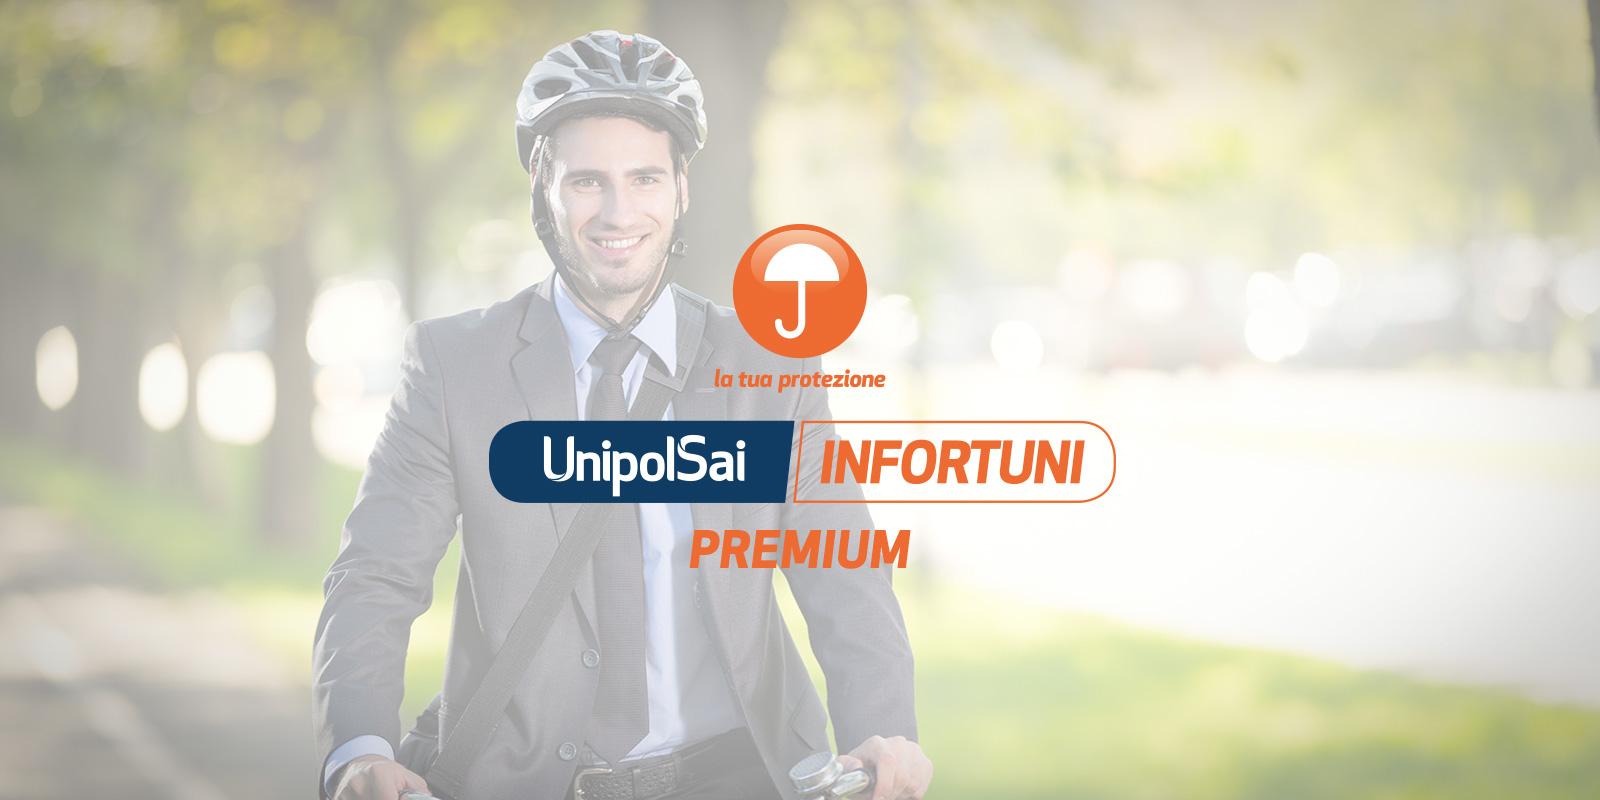 UnipolSai-INFORTUNI-PREMIUM